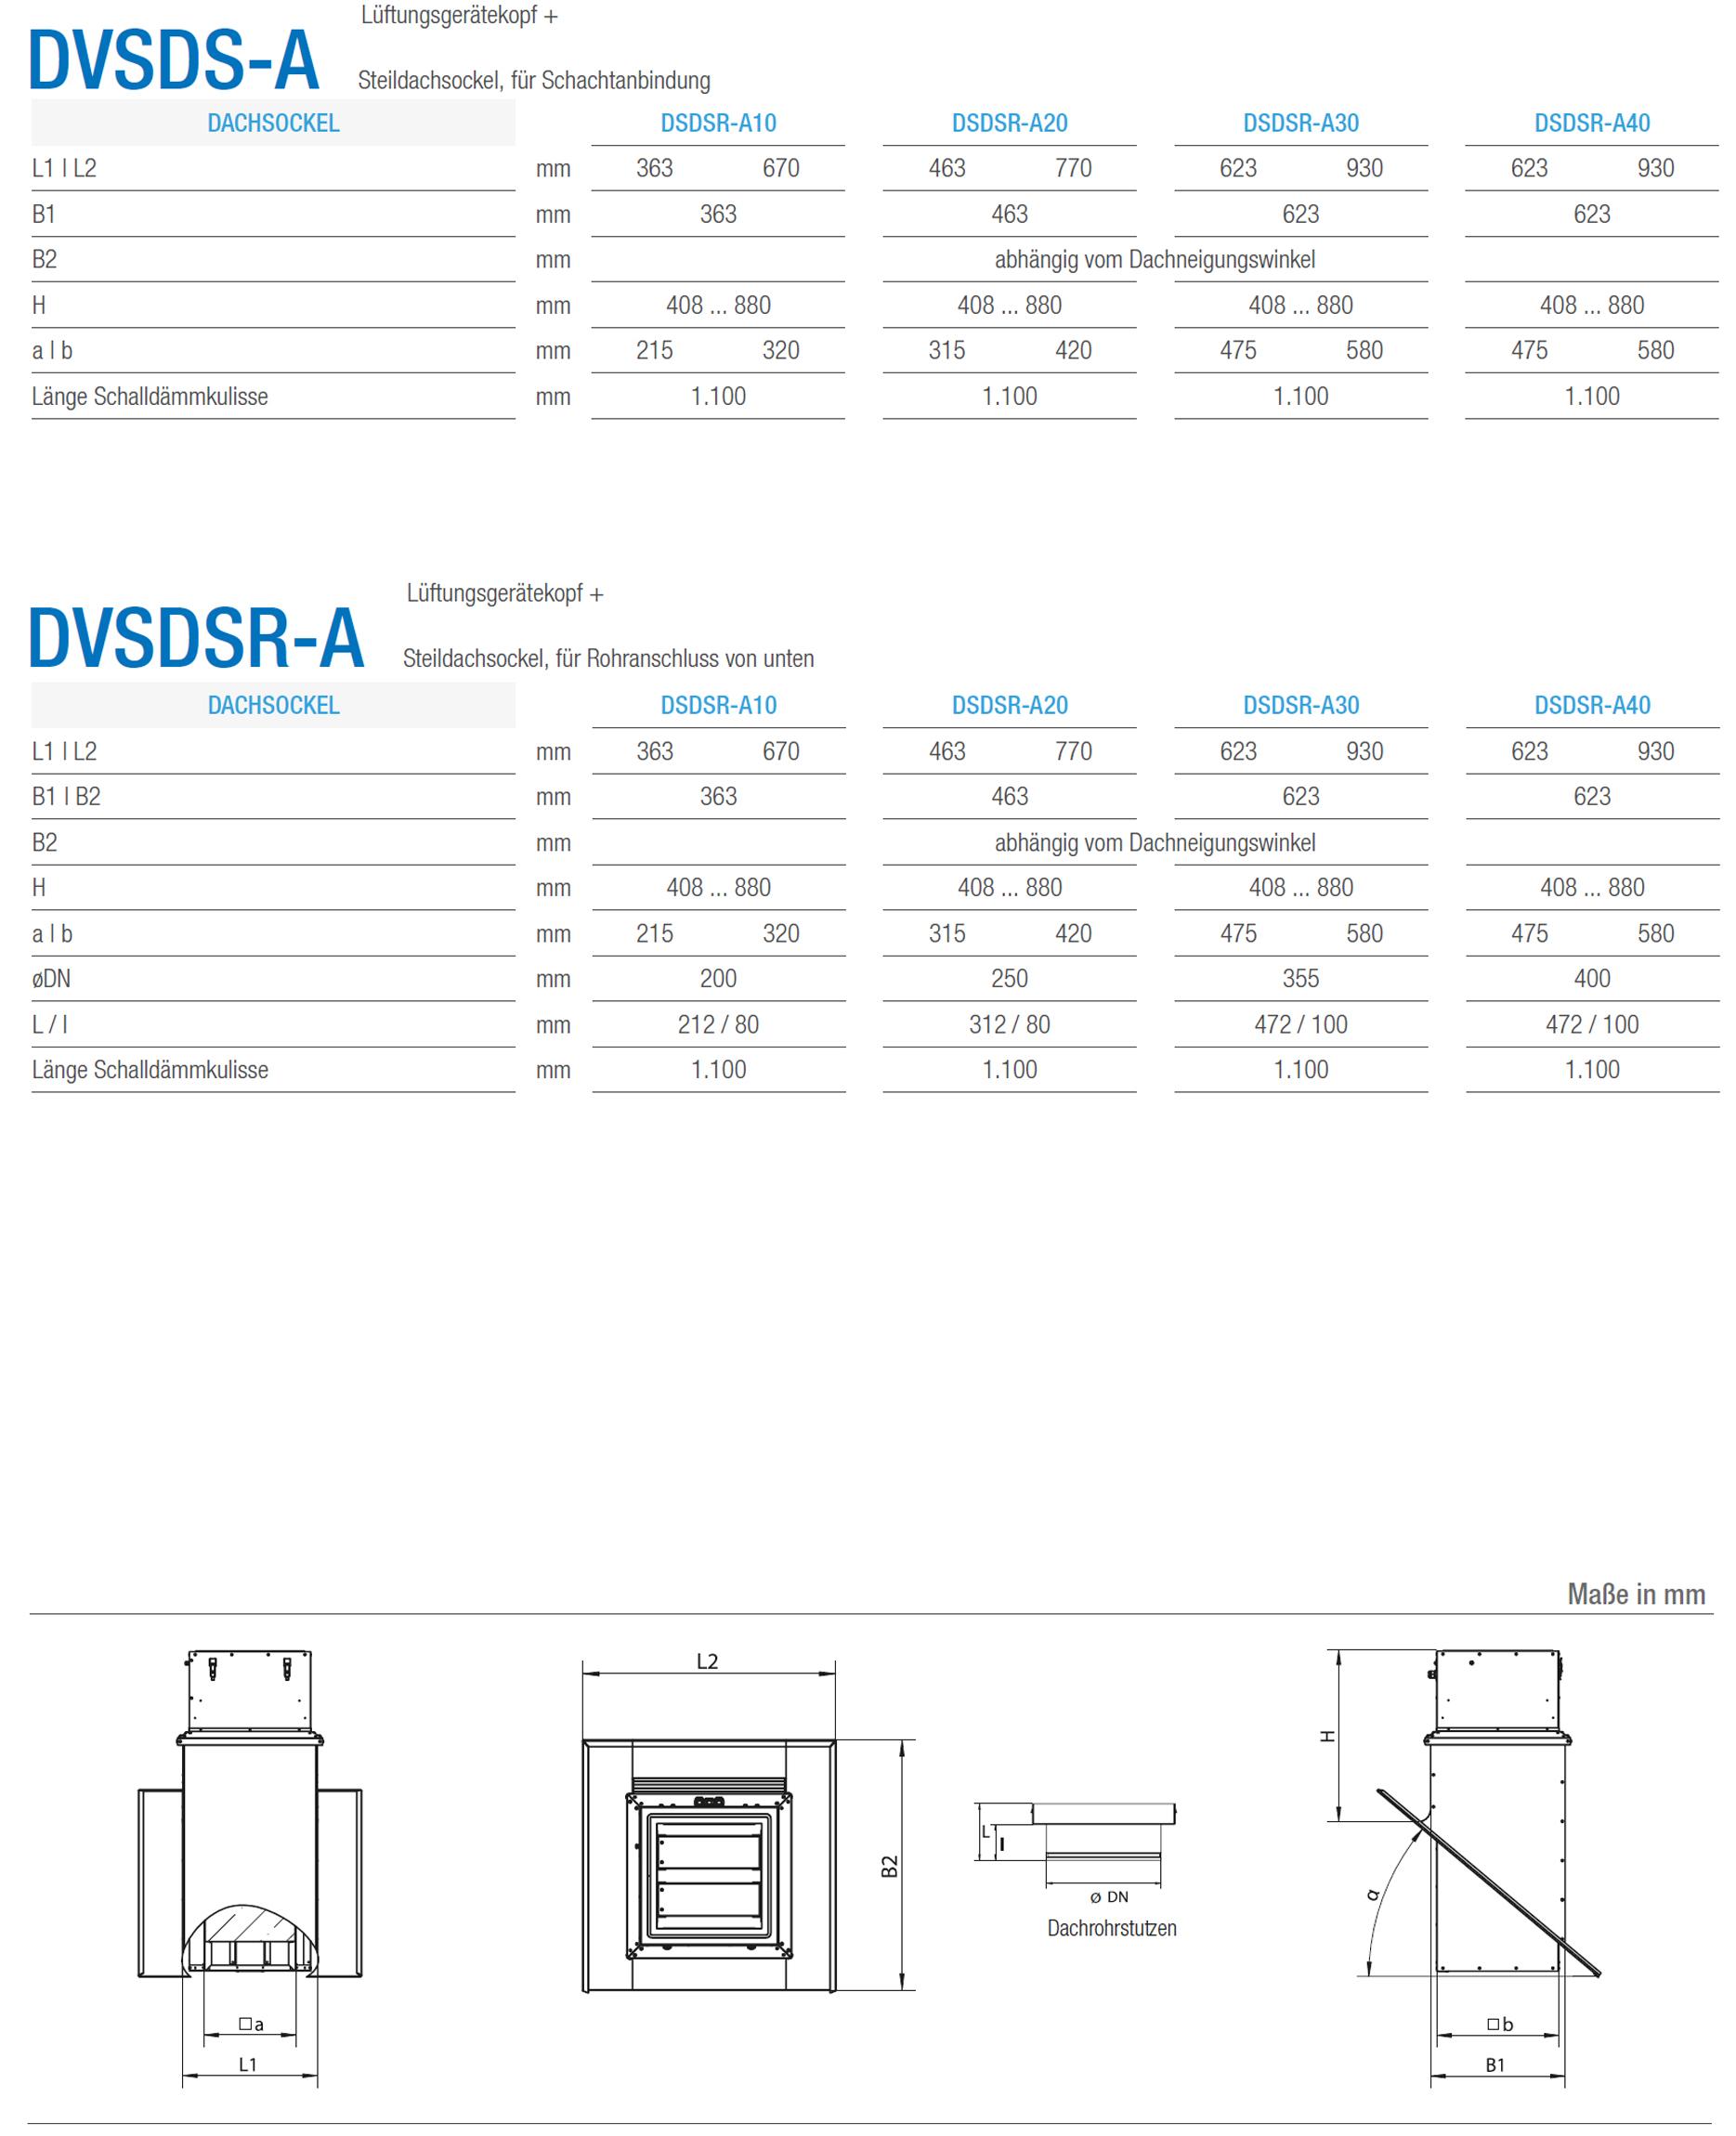 DVSDS-A_DVSDSR-A-1-1